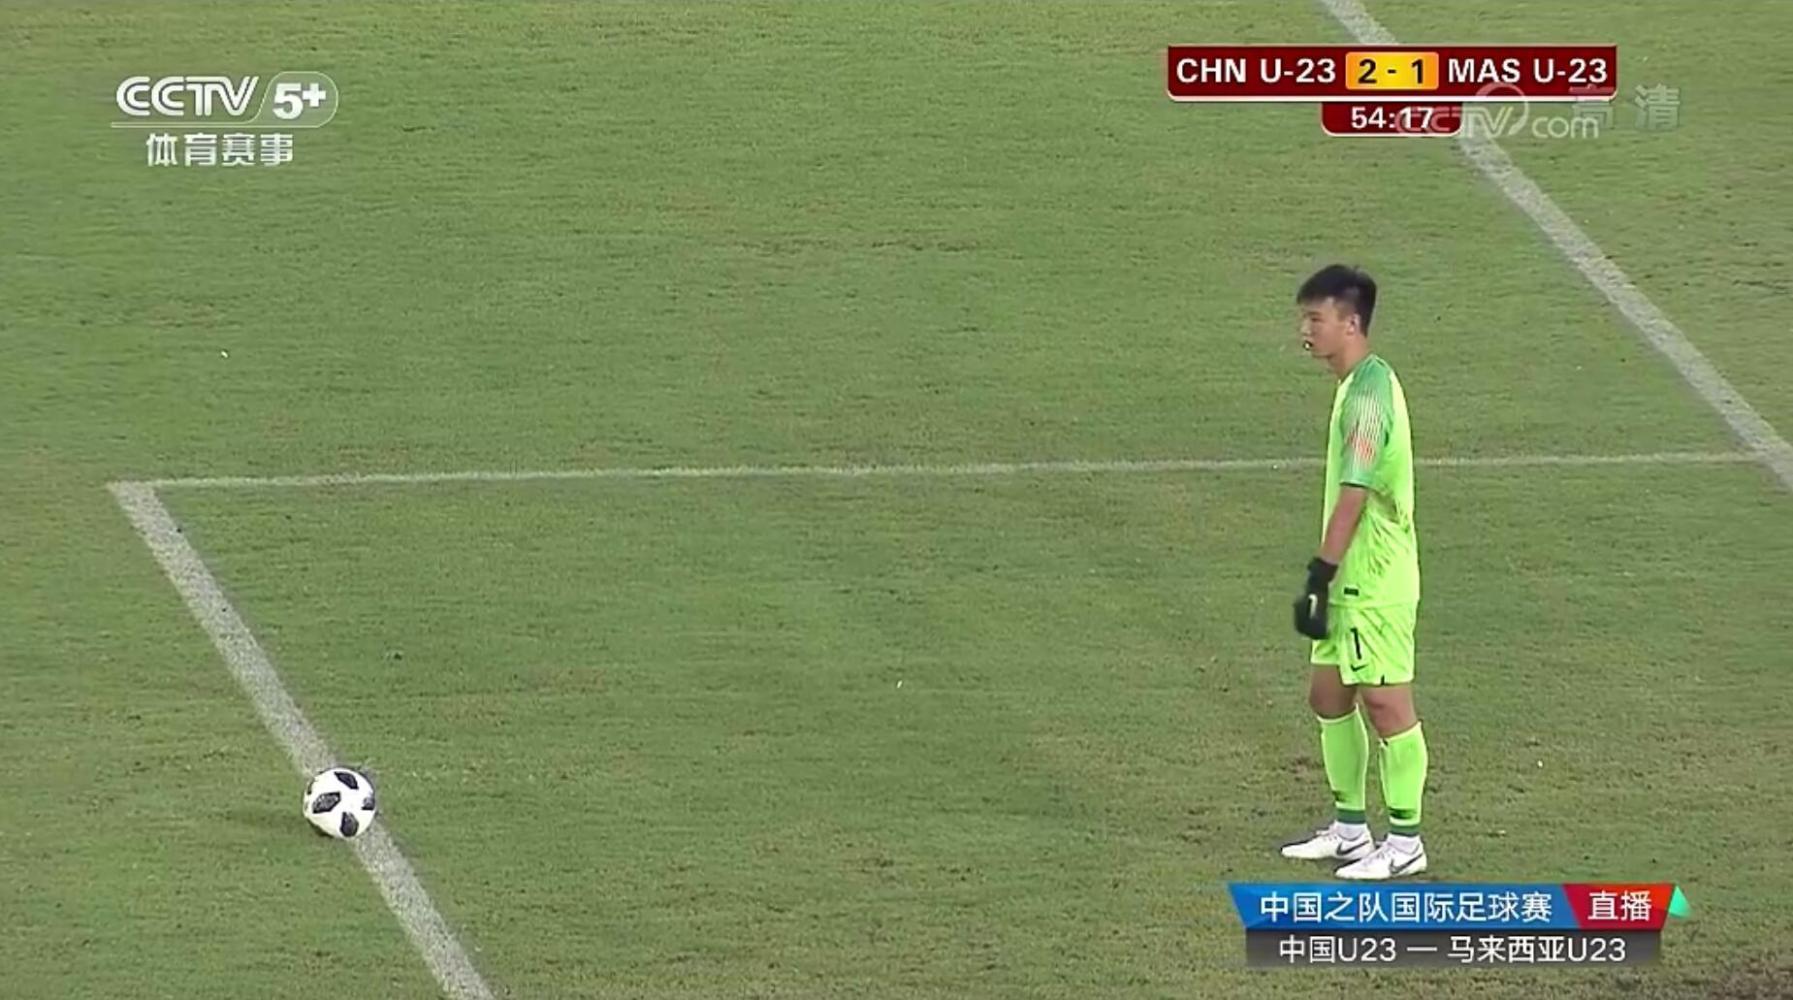 国足U23热身2比1逆转马来西亚U23, 张玉宁陈哲超建功, 里皮未现身